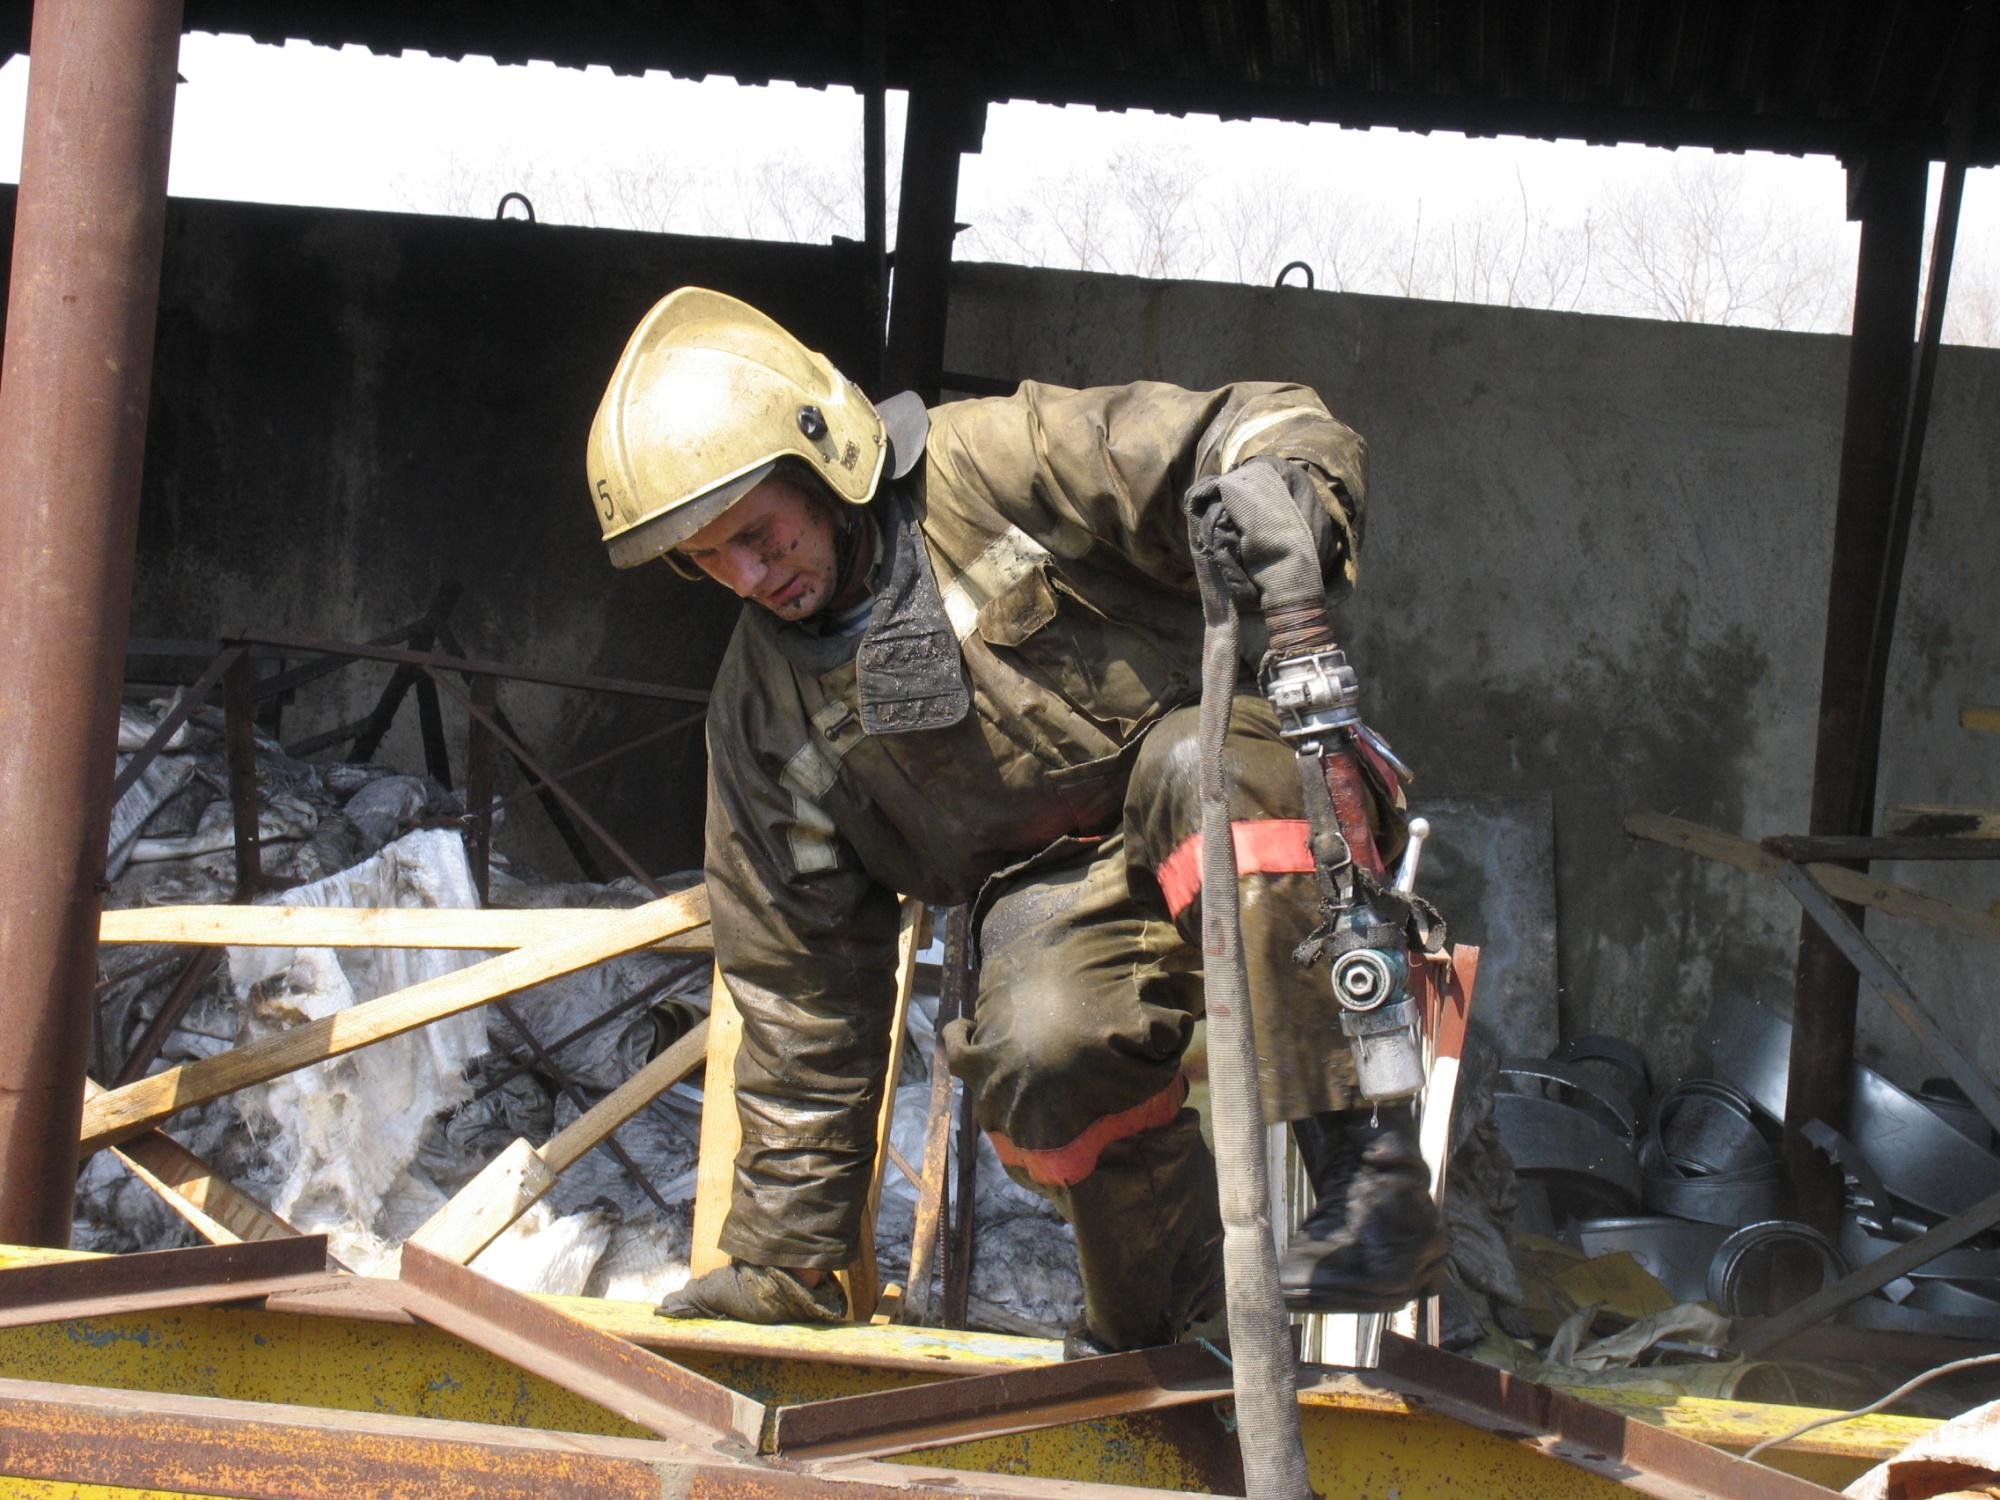 Спасатели МЧС России ликвидировали пожар в частных хозяйственных постройках и автомобиле в Промышленовском МО